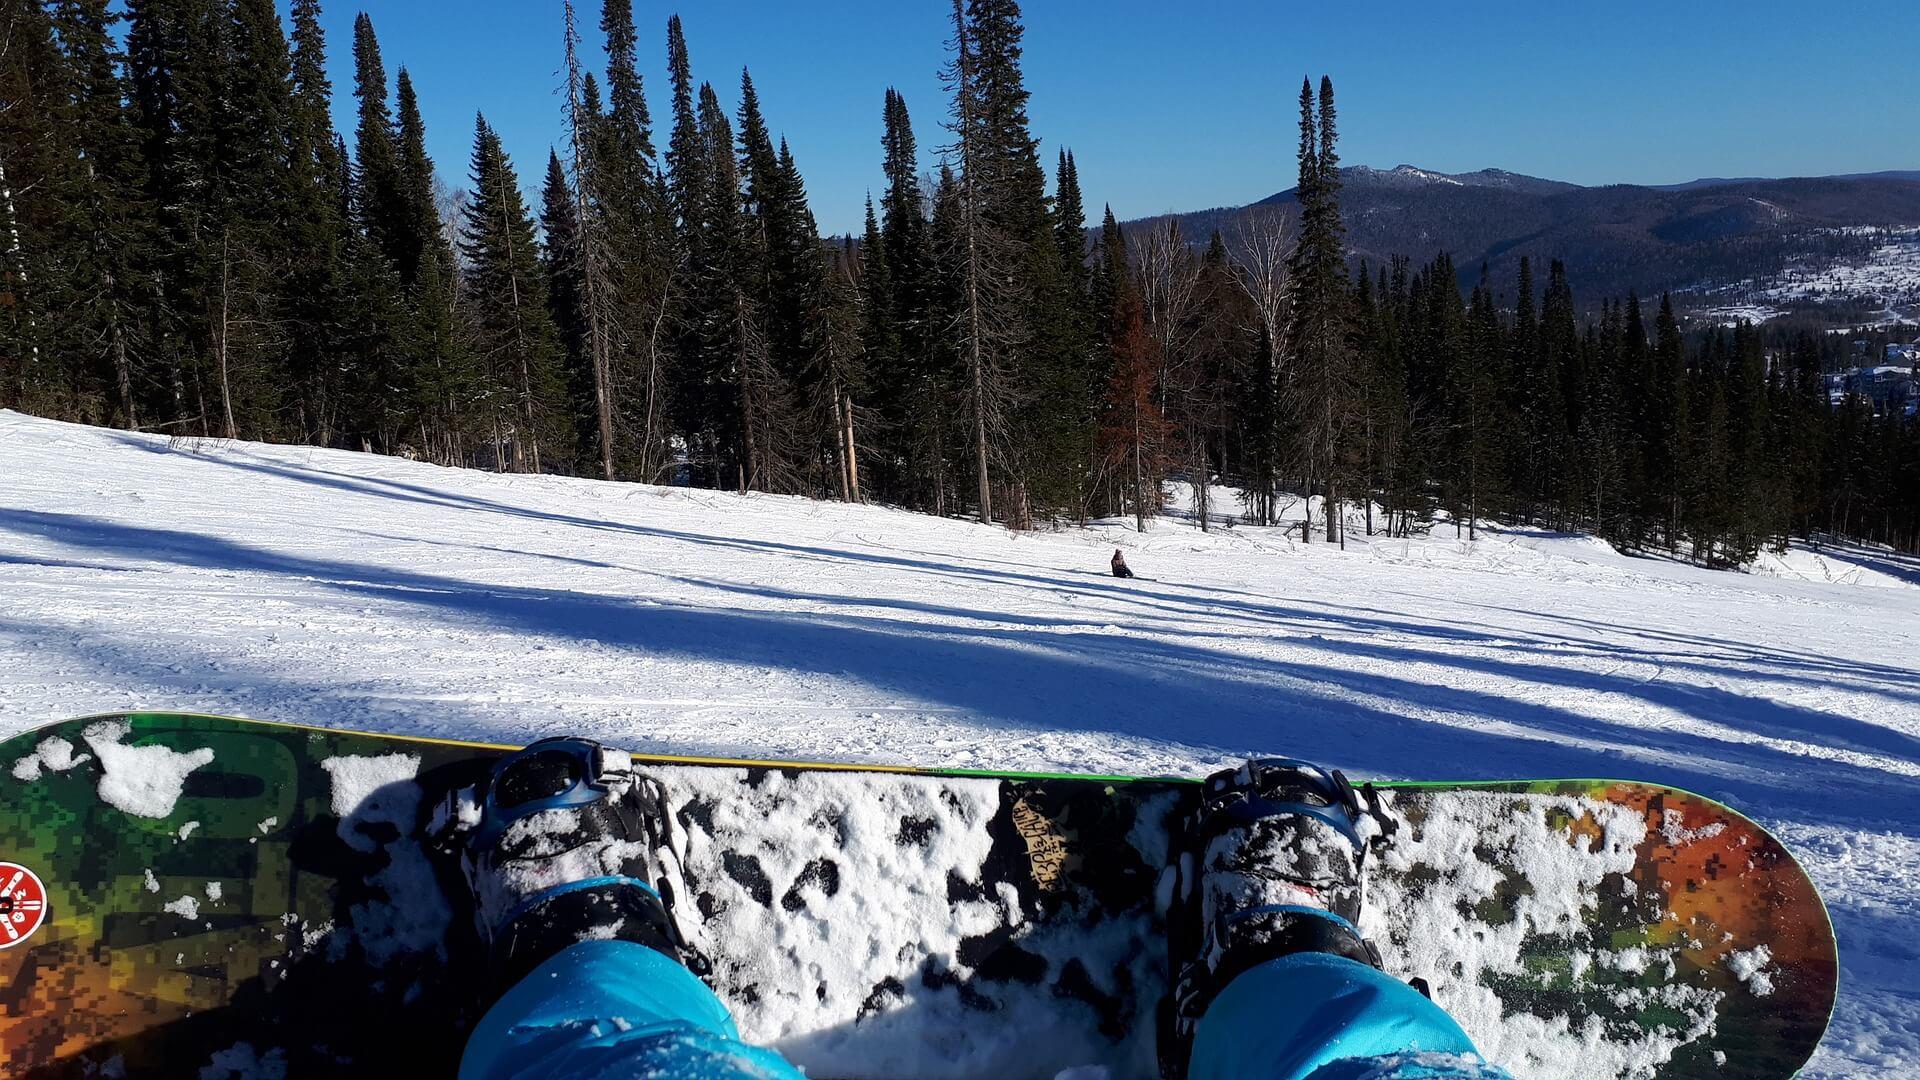 バラクラバを着用してスノーボードをする人